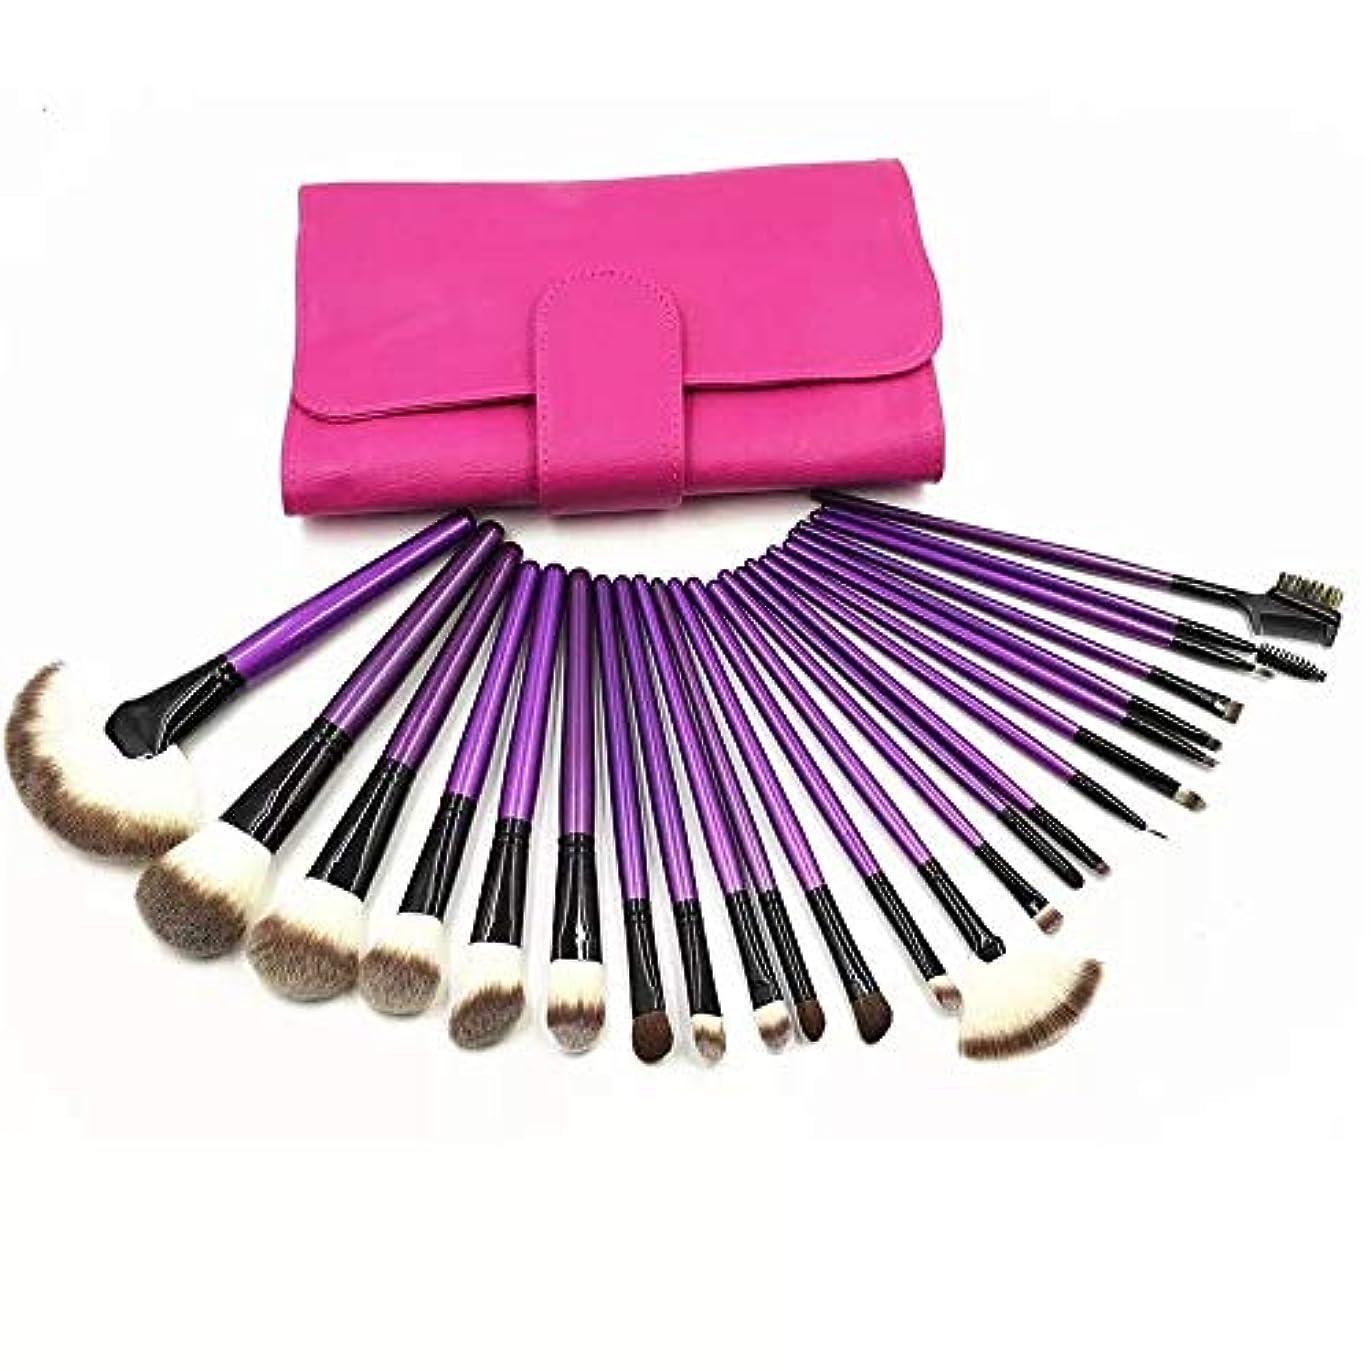 ジュニアキャンバス激怒CHANGYUXINTAI-HUAZHUANGSHUA あなたのニーズを満たすために、保護カバー付き24プロのメイクアップブラシ (Color : Purple)